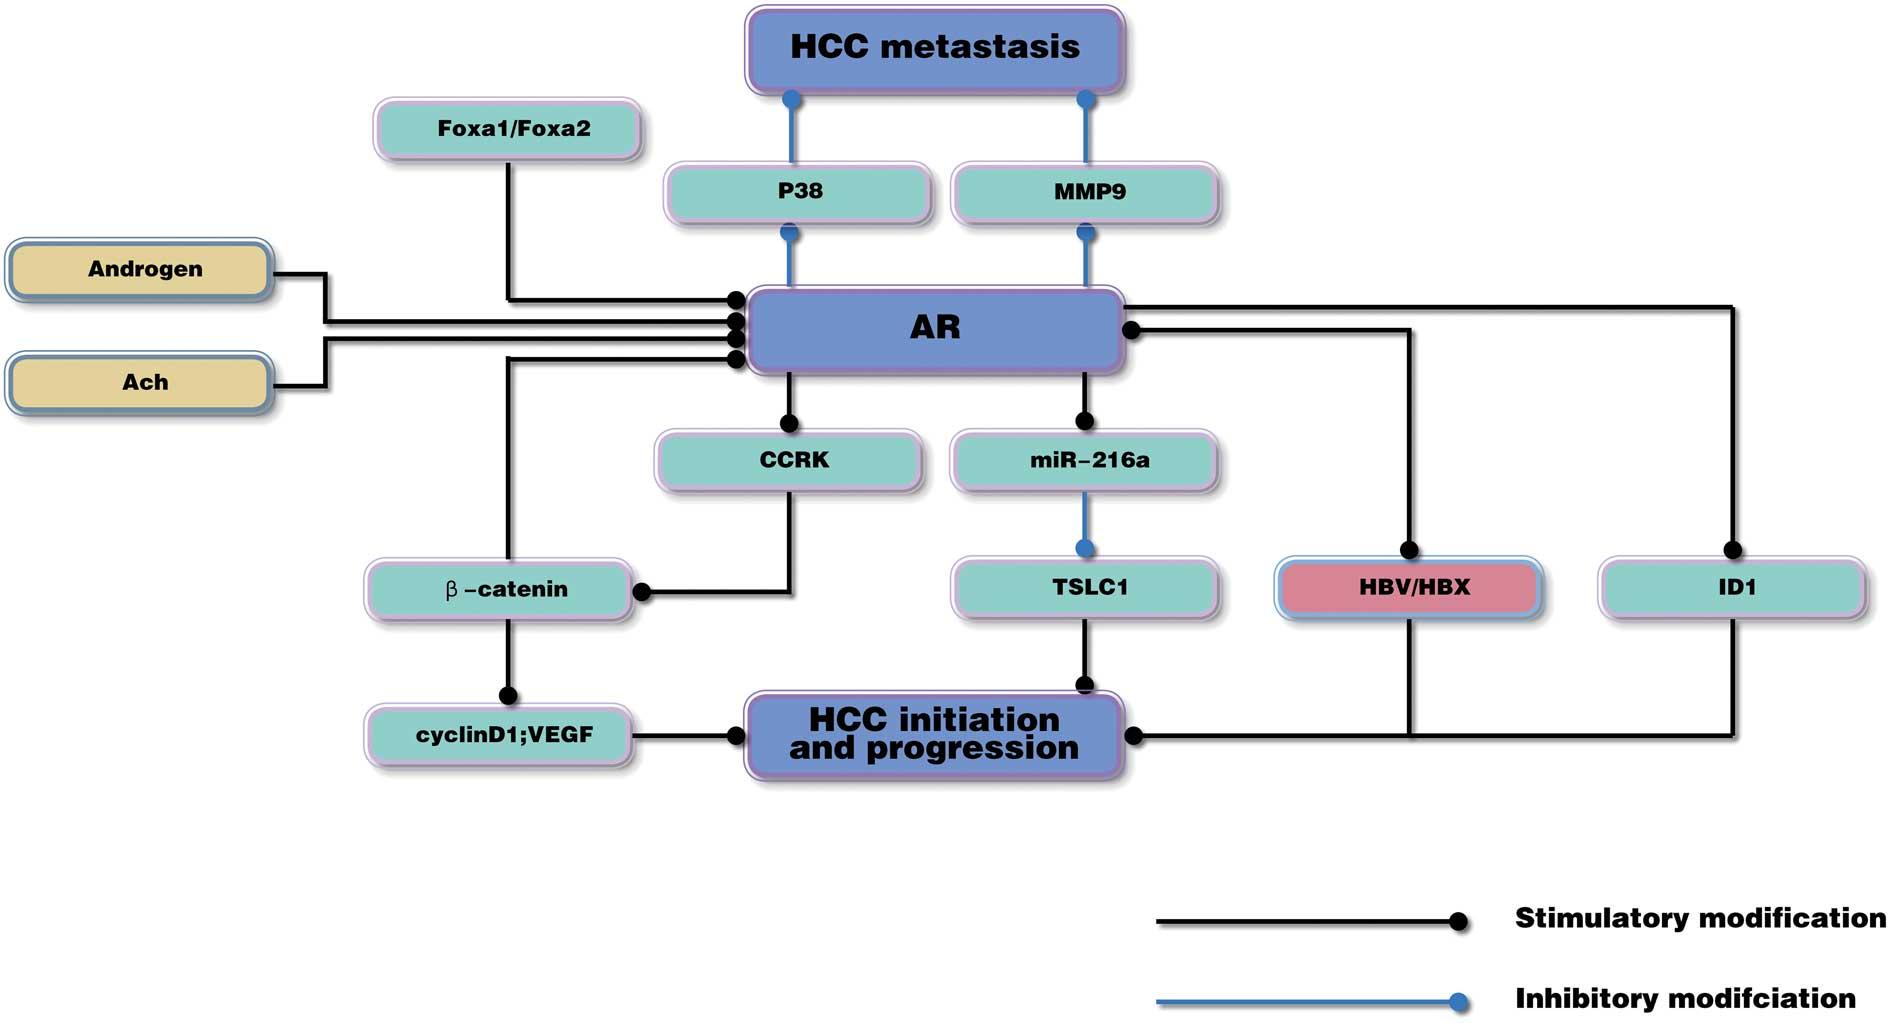 hepatocellular cancer receptor)